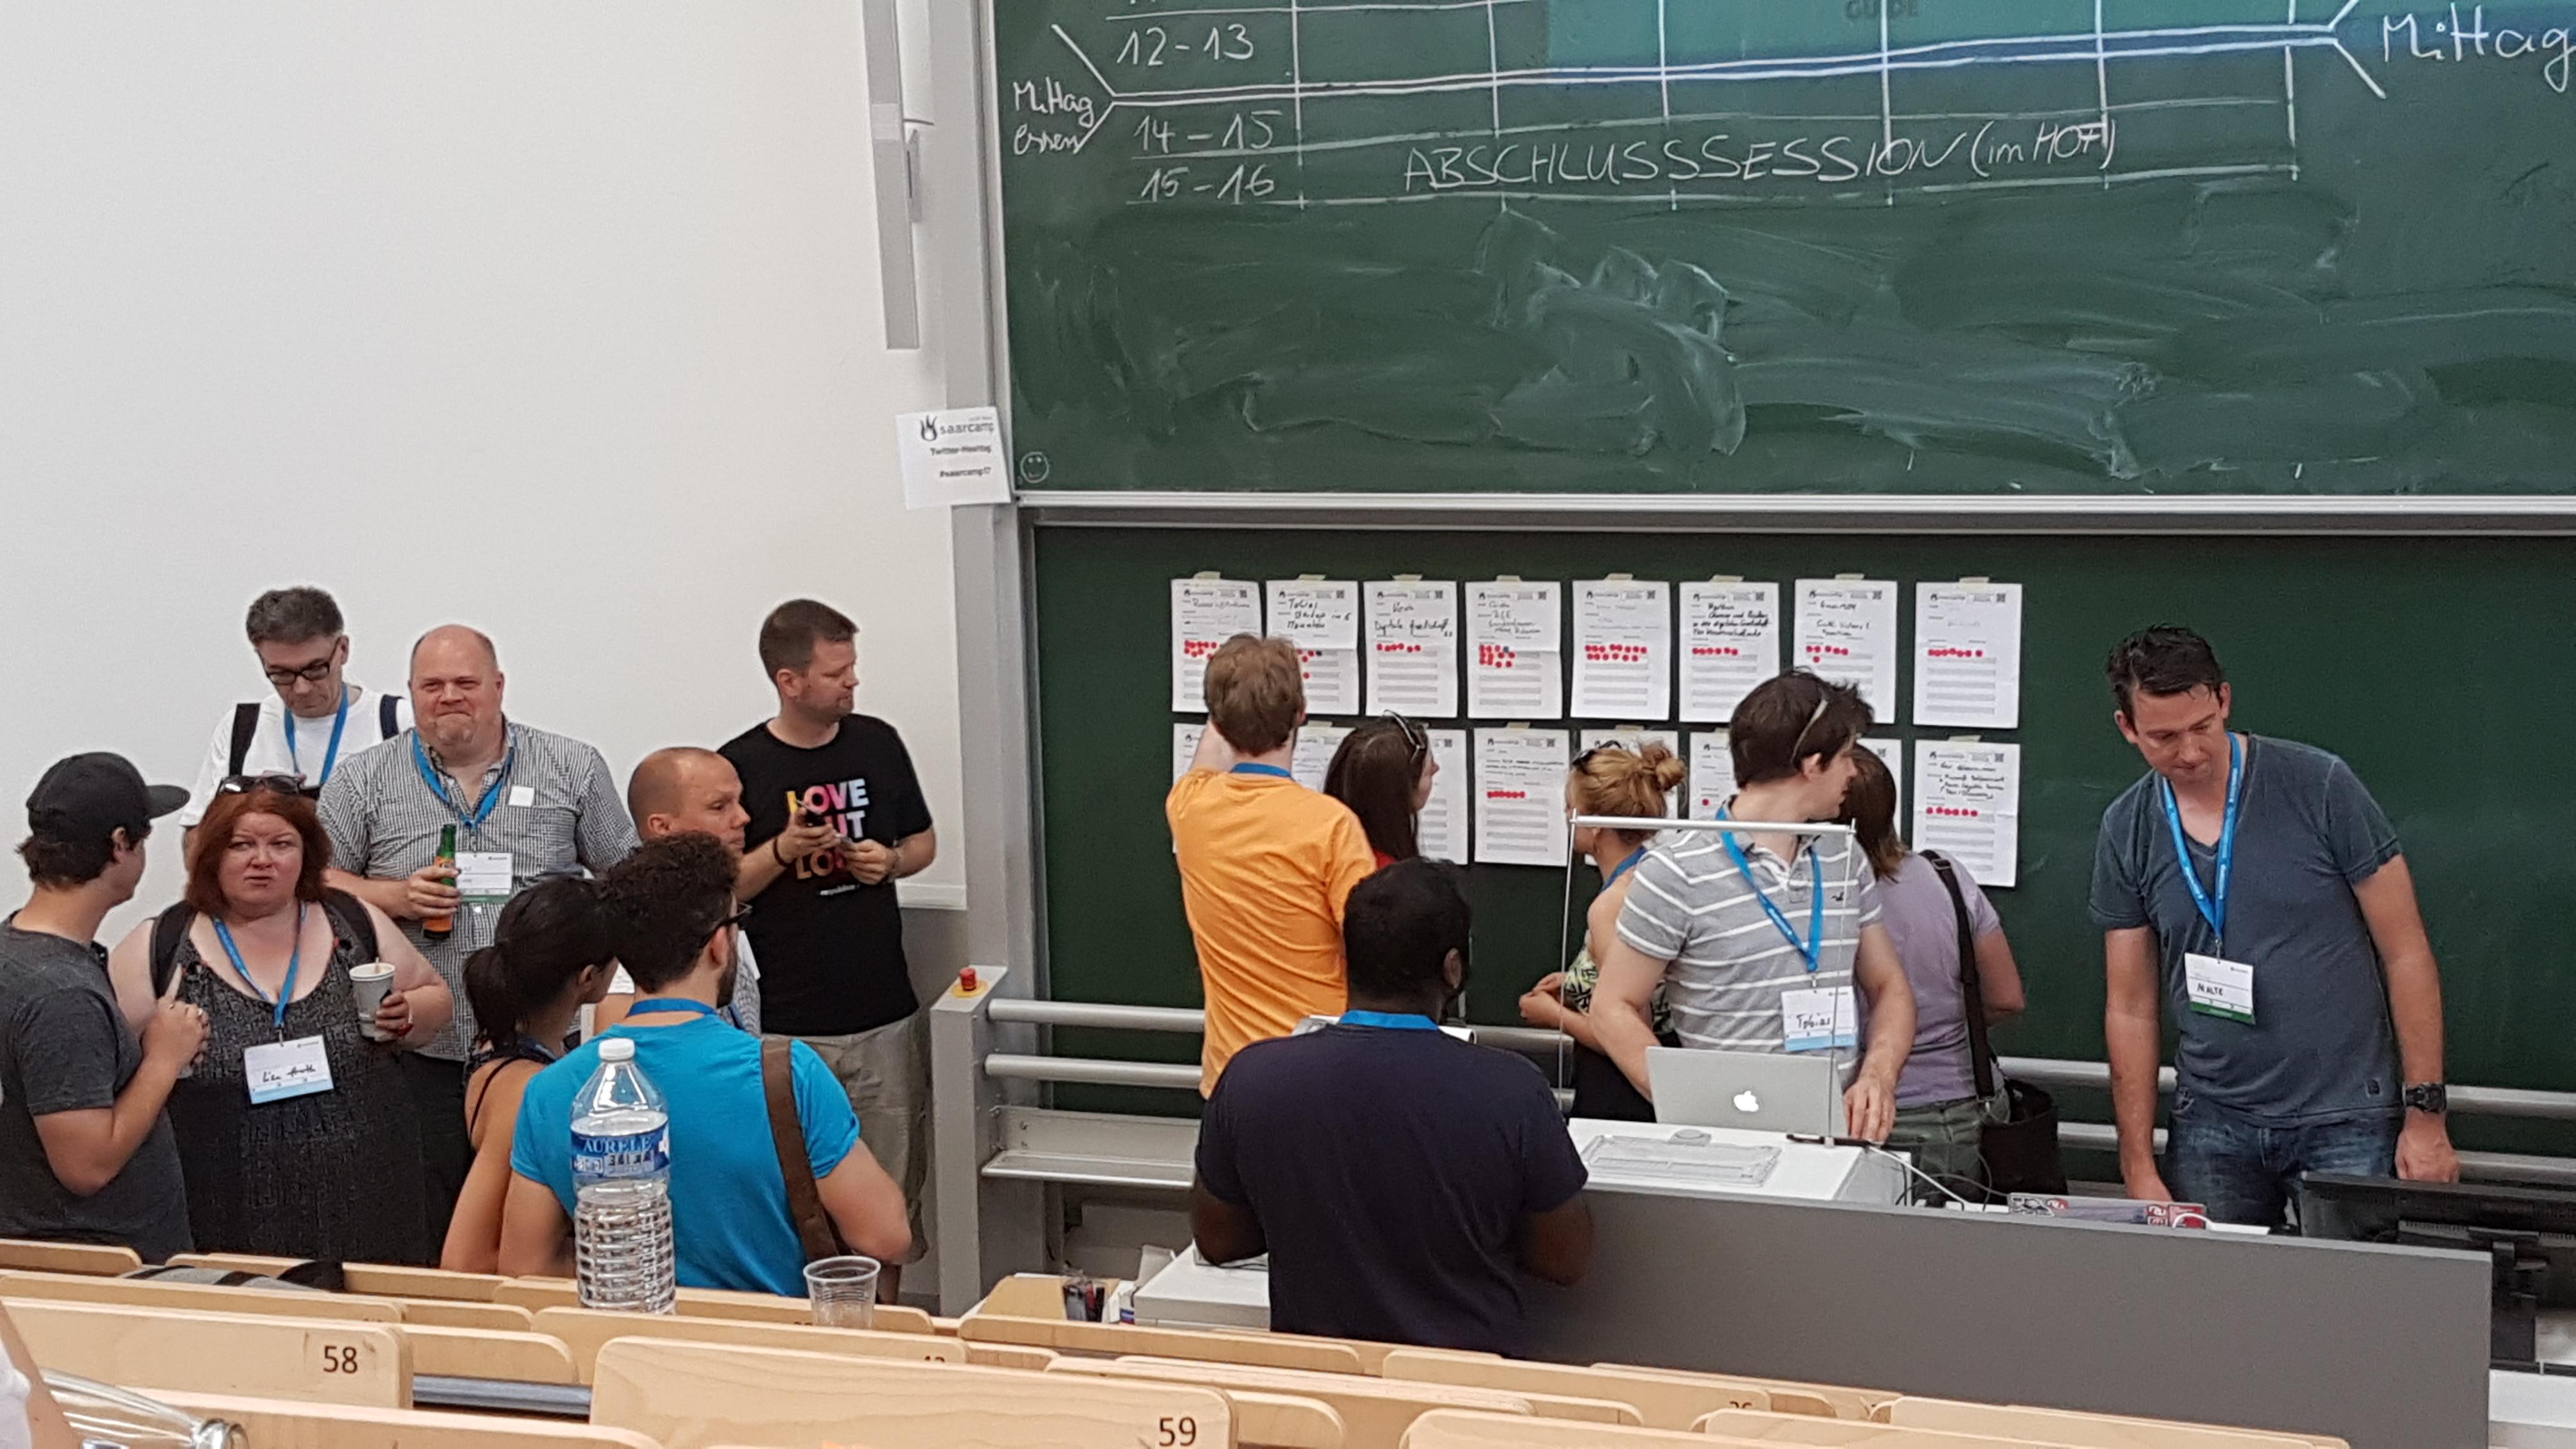 Sessionplanung auf dem Saarcamp 2017